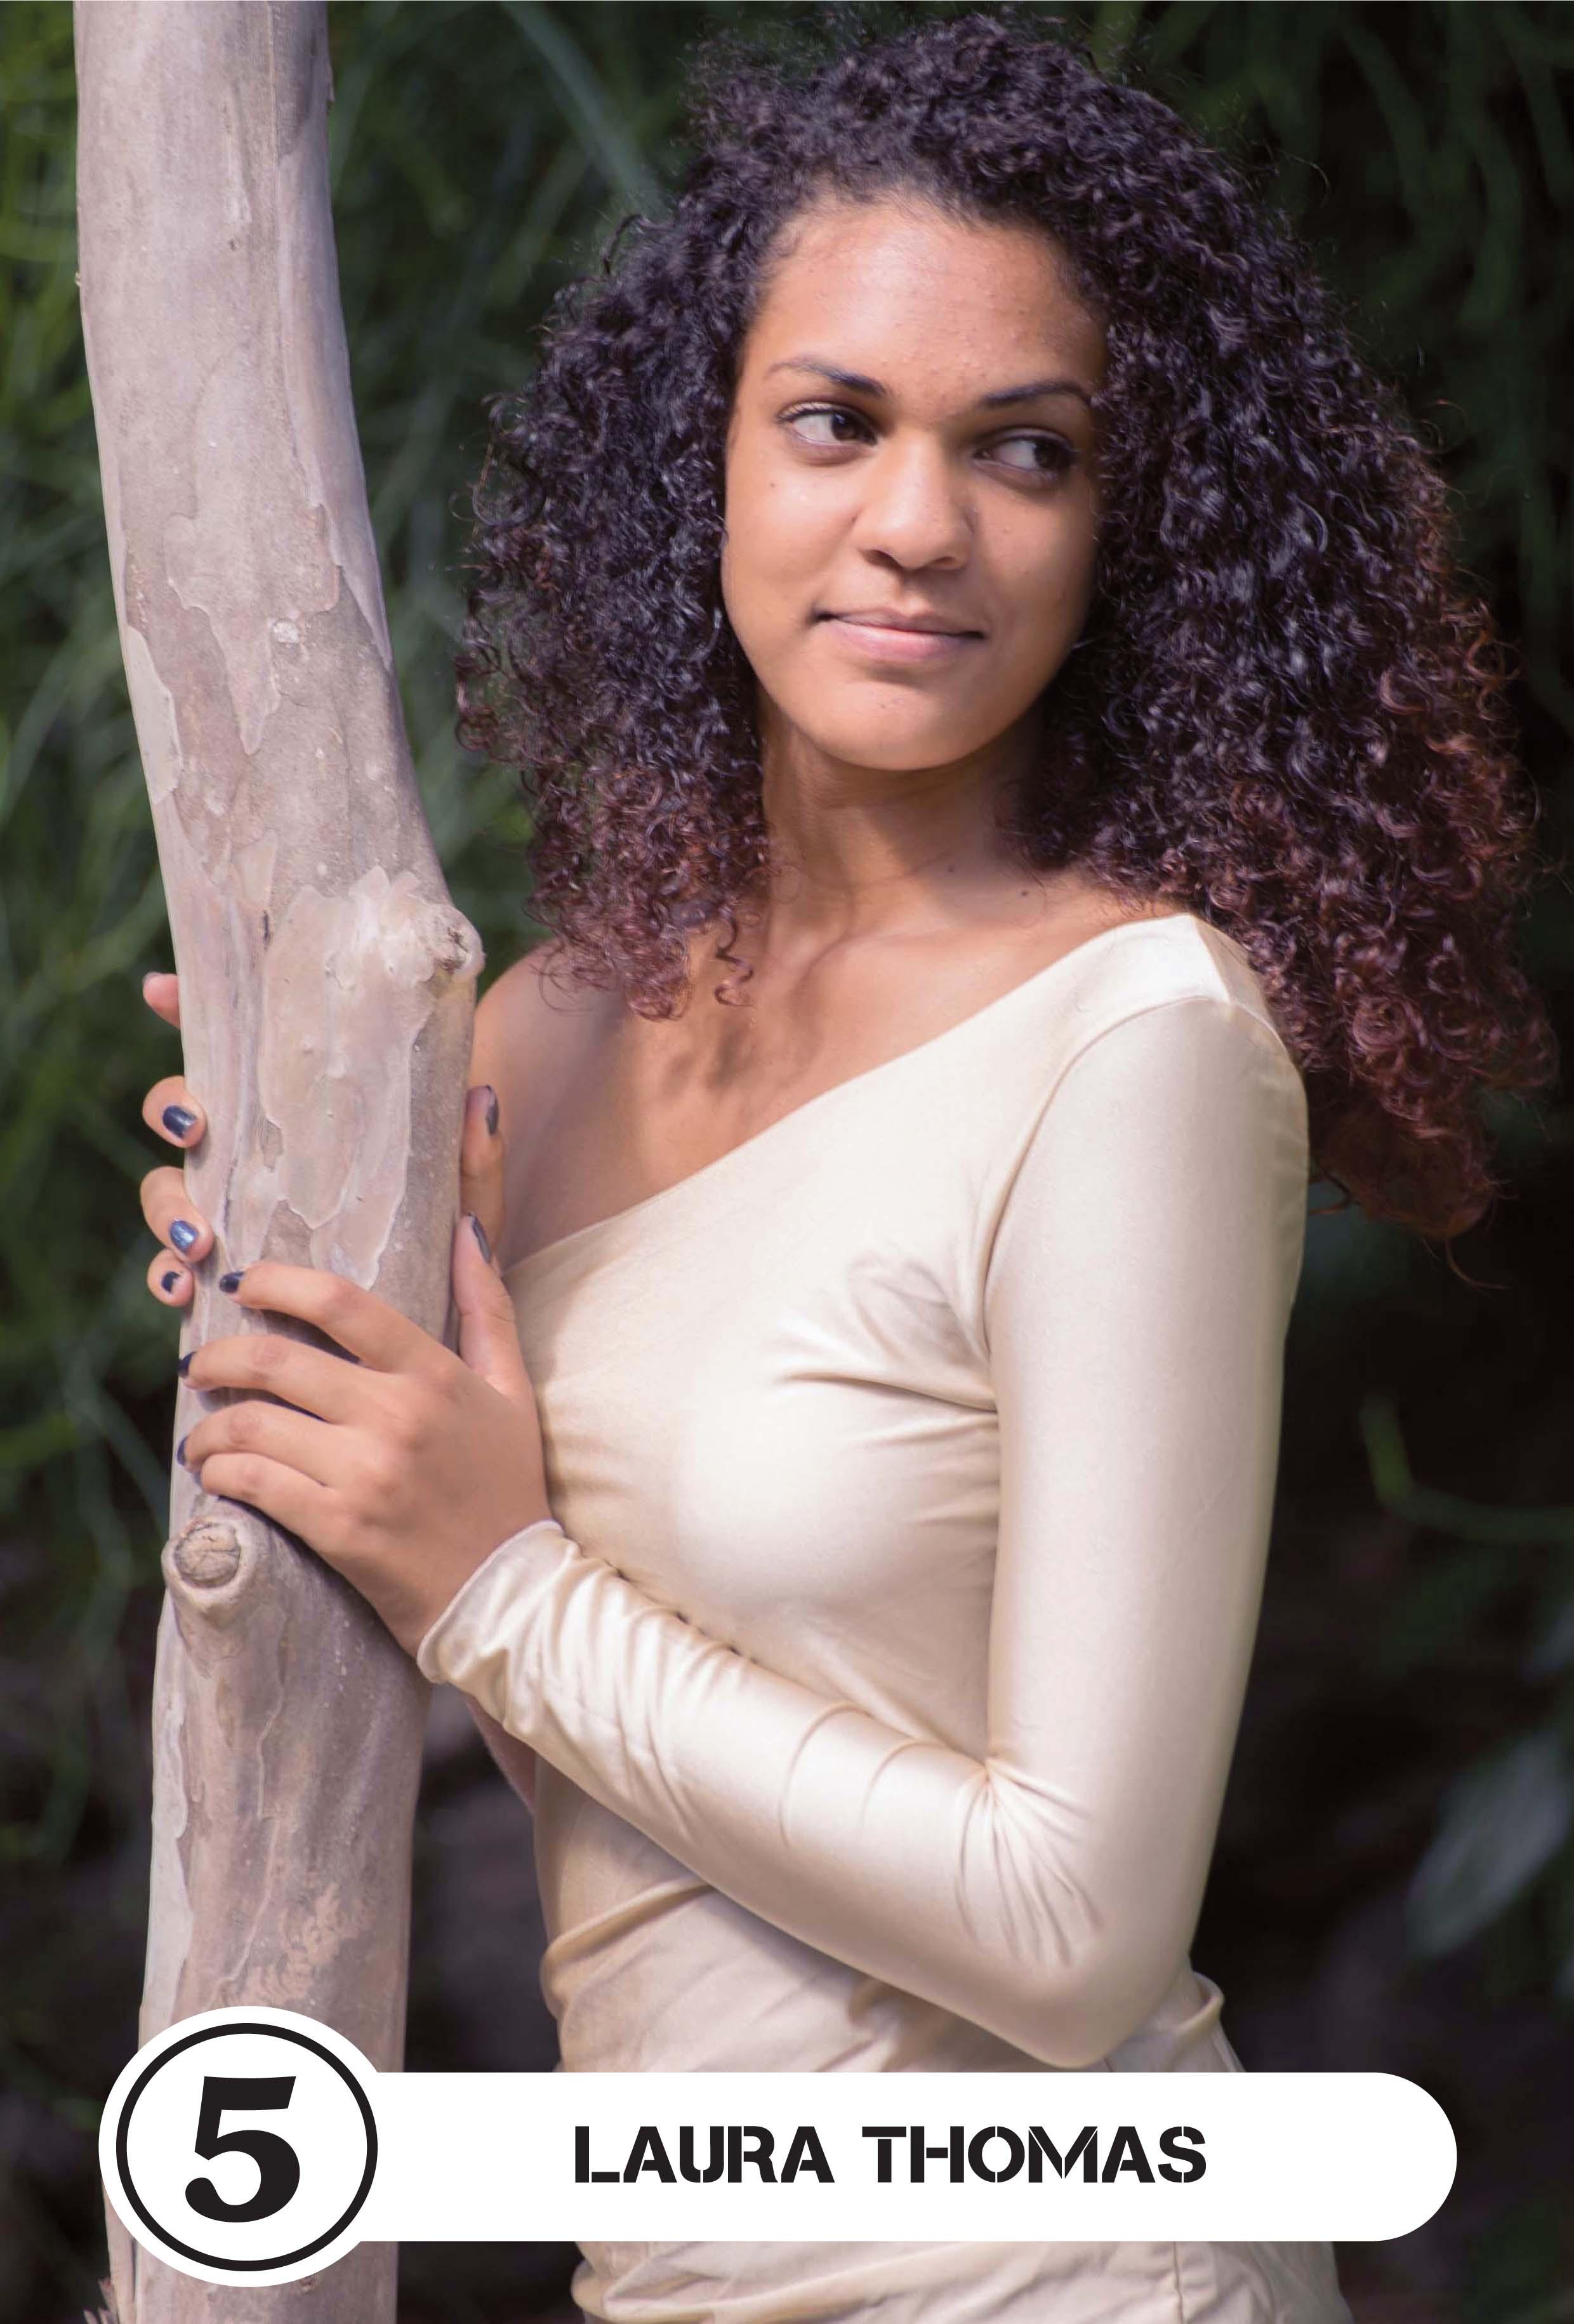 N°5: Laura Thomas, 16 ans, de Saint-Gilles-les-Hauts